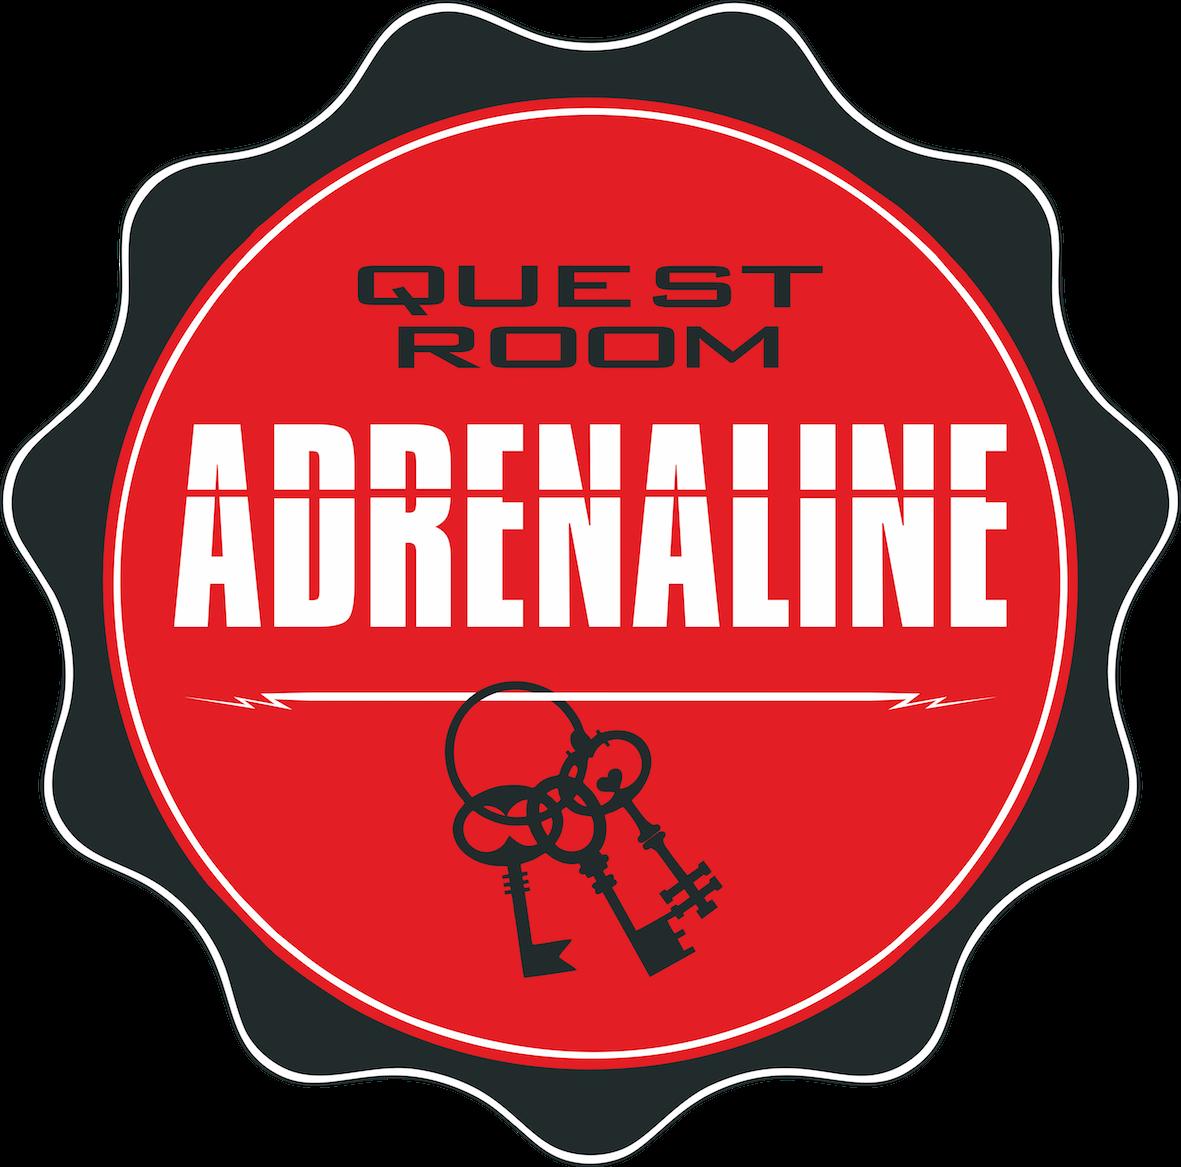 Зображення Adrenaline